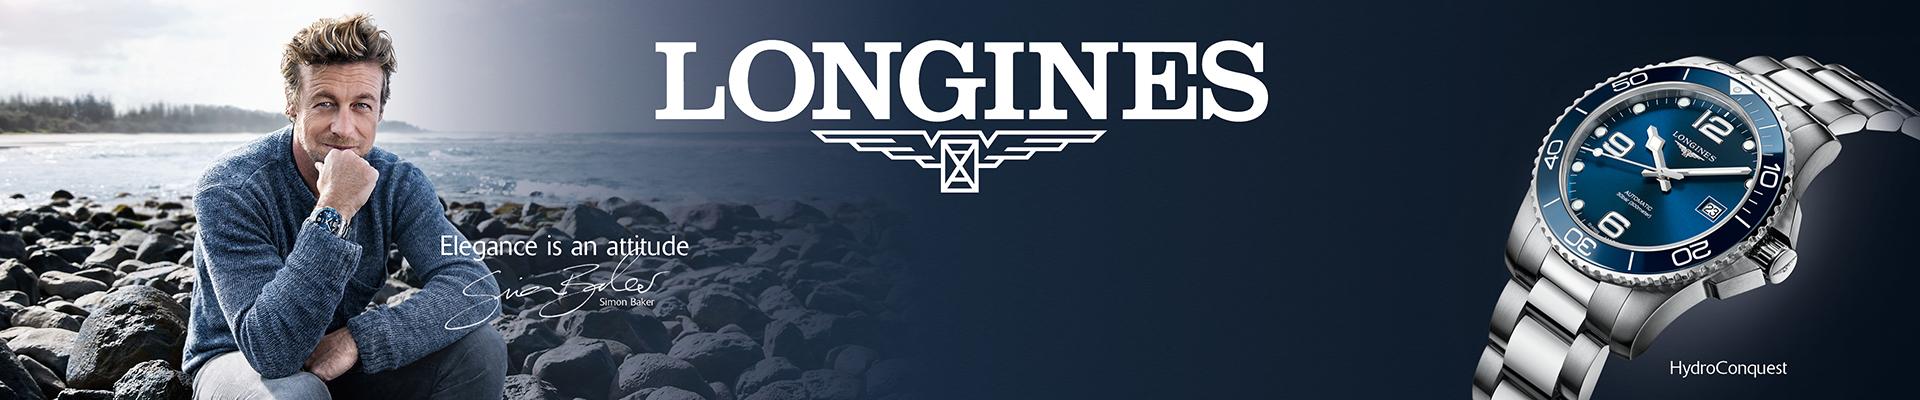 LONGINES WEB ESP-ING